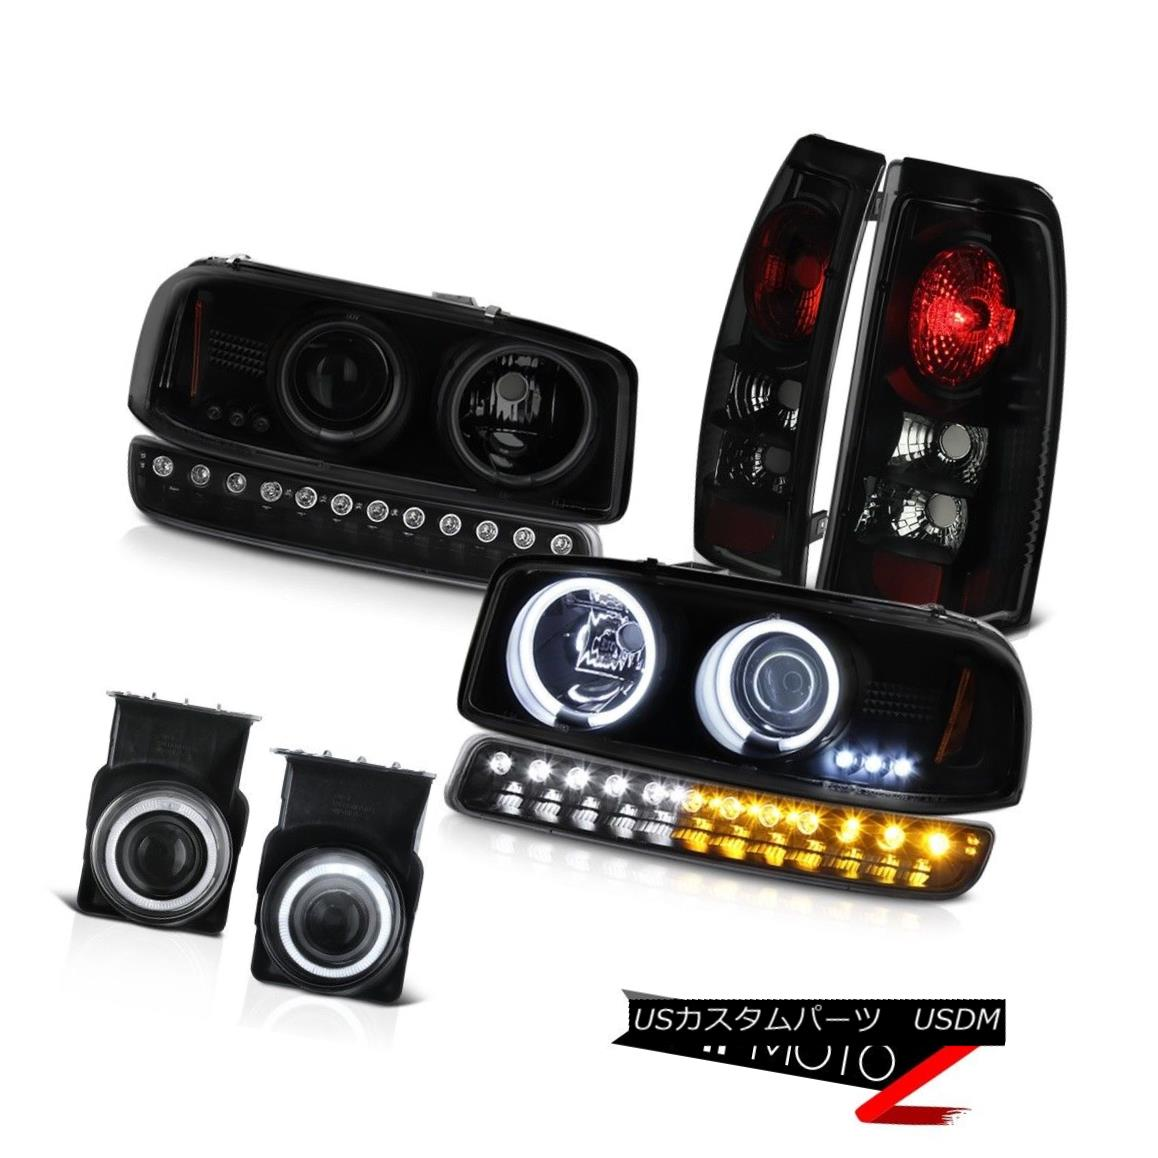 テールライト 03-06 Sierra C3 Fog lamps taillights raven black parking light ccfl headlights 03-06シエラC3フォグランプテールライトレーヴンブラックパーキングライトccflヘッドライト